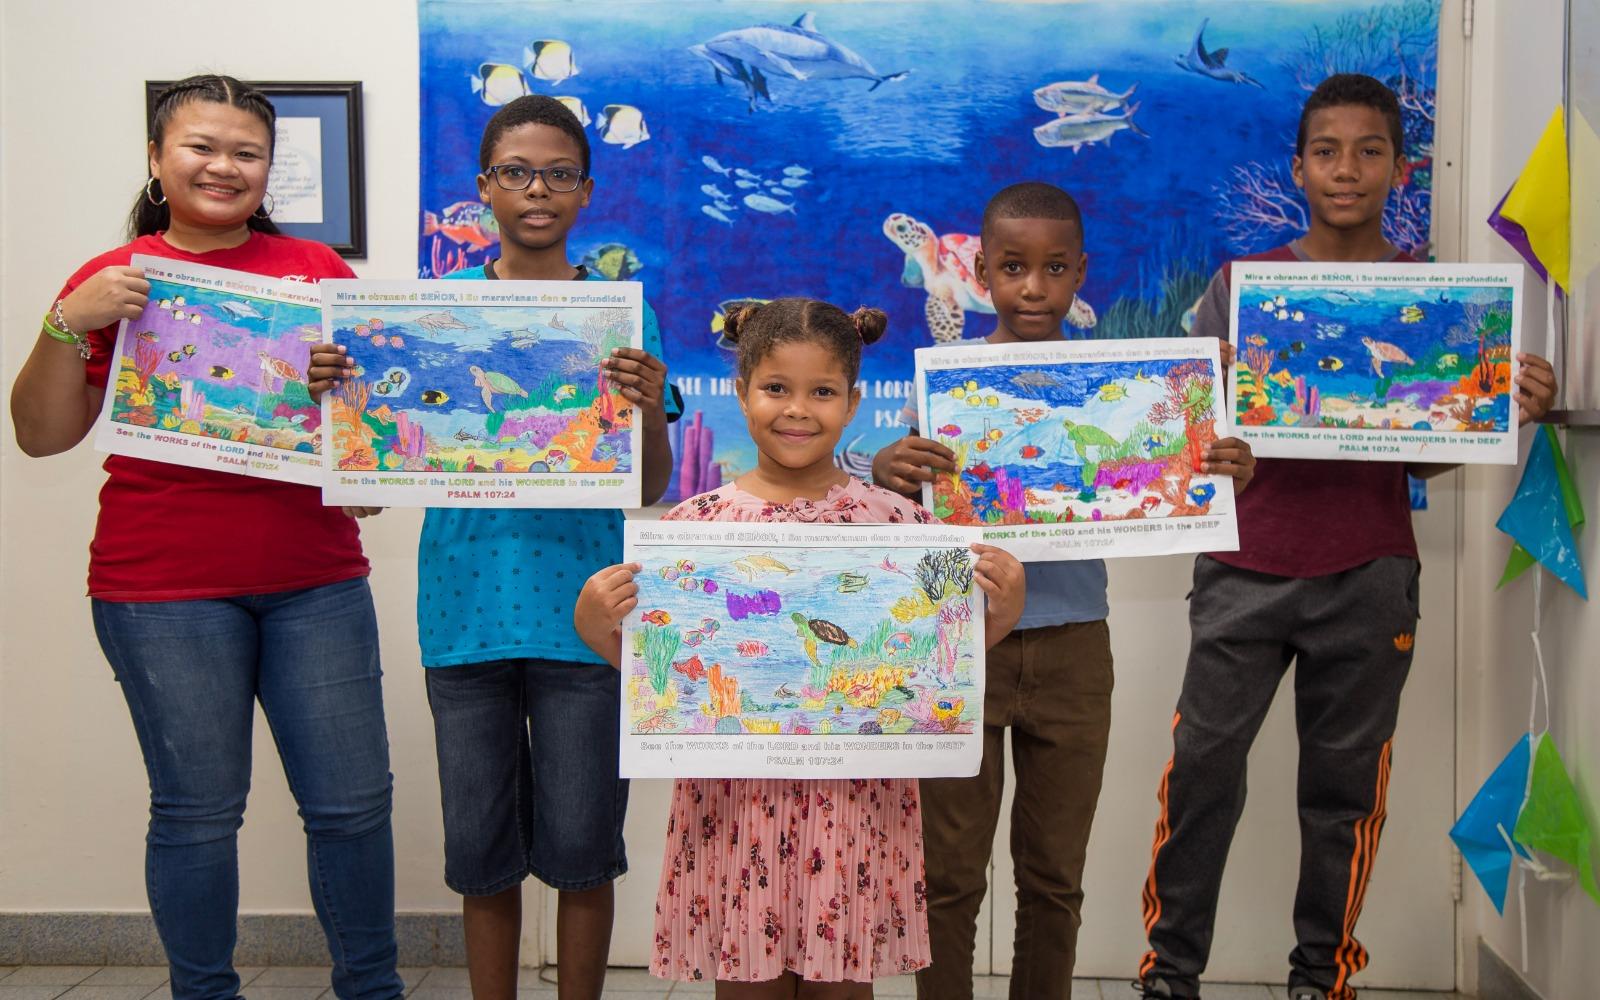 Winnaars kleurwedstrijd Muurschilderij TWR ontvangen prijzen